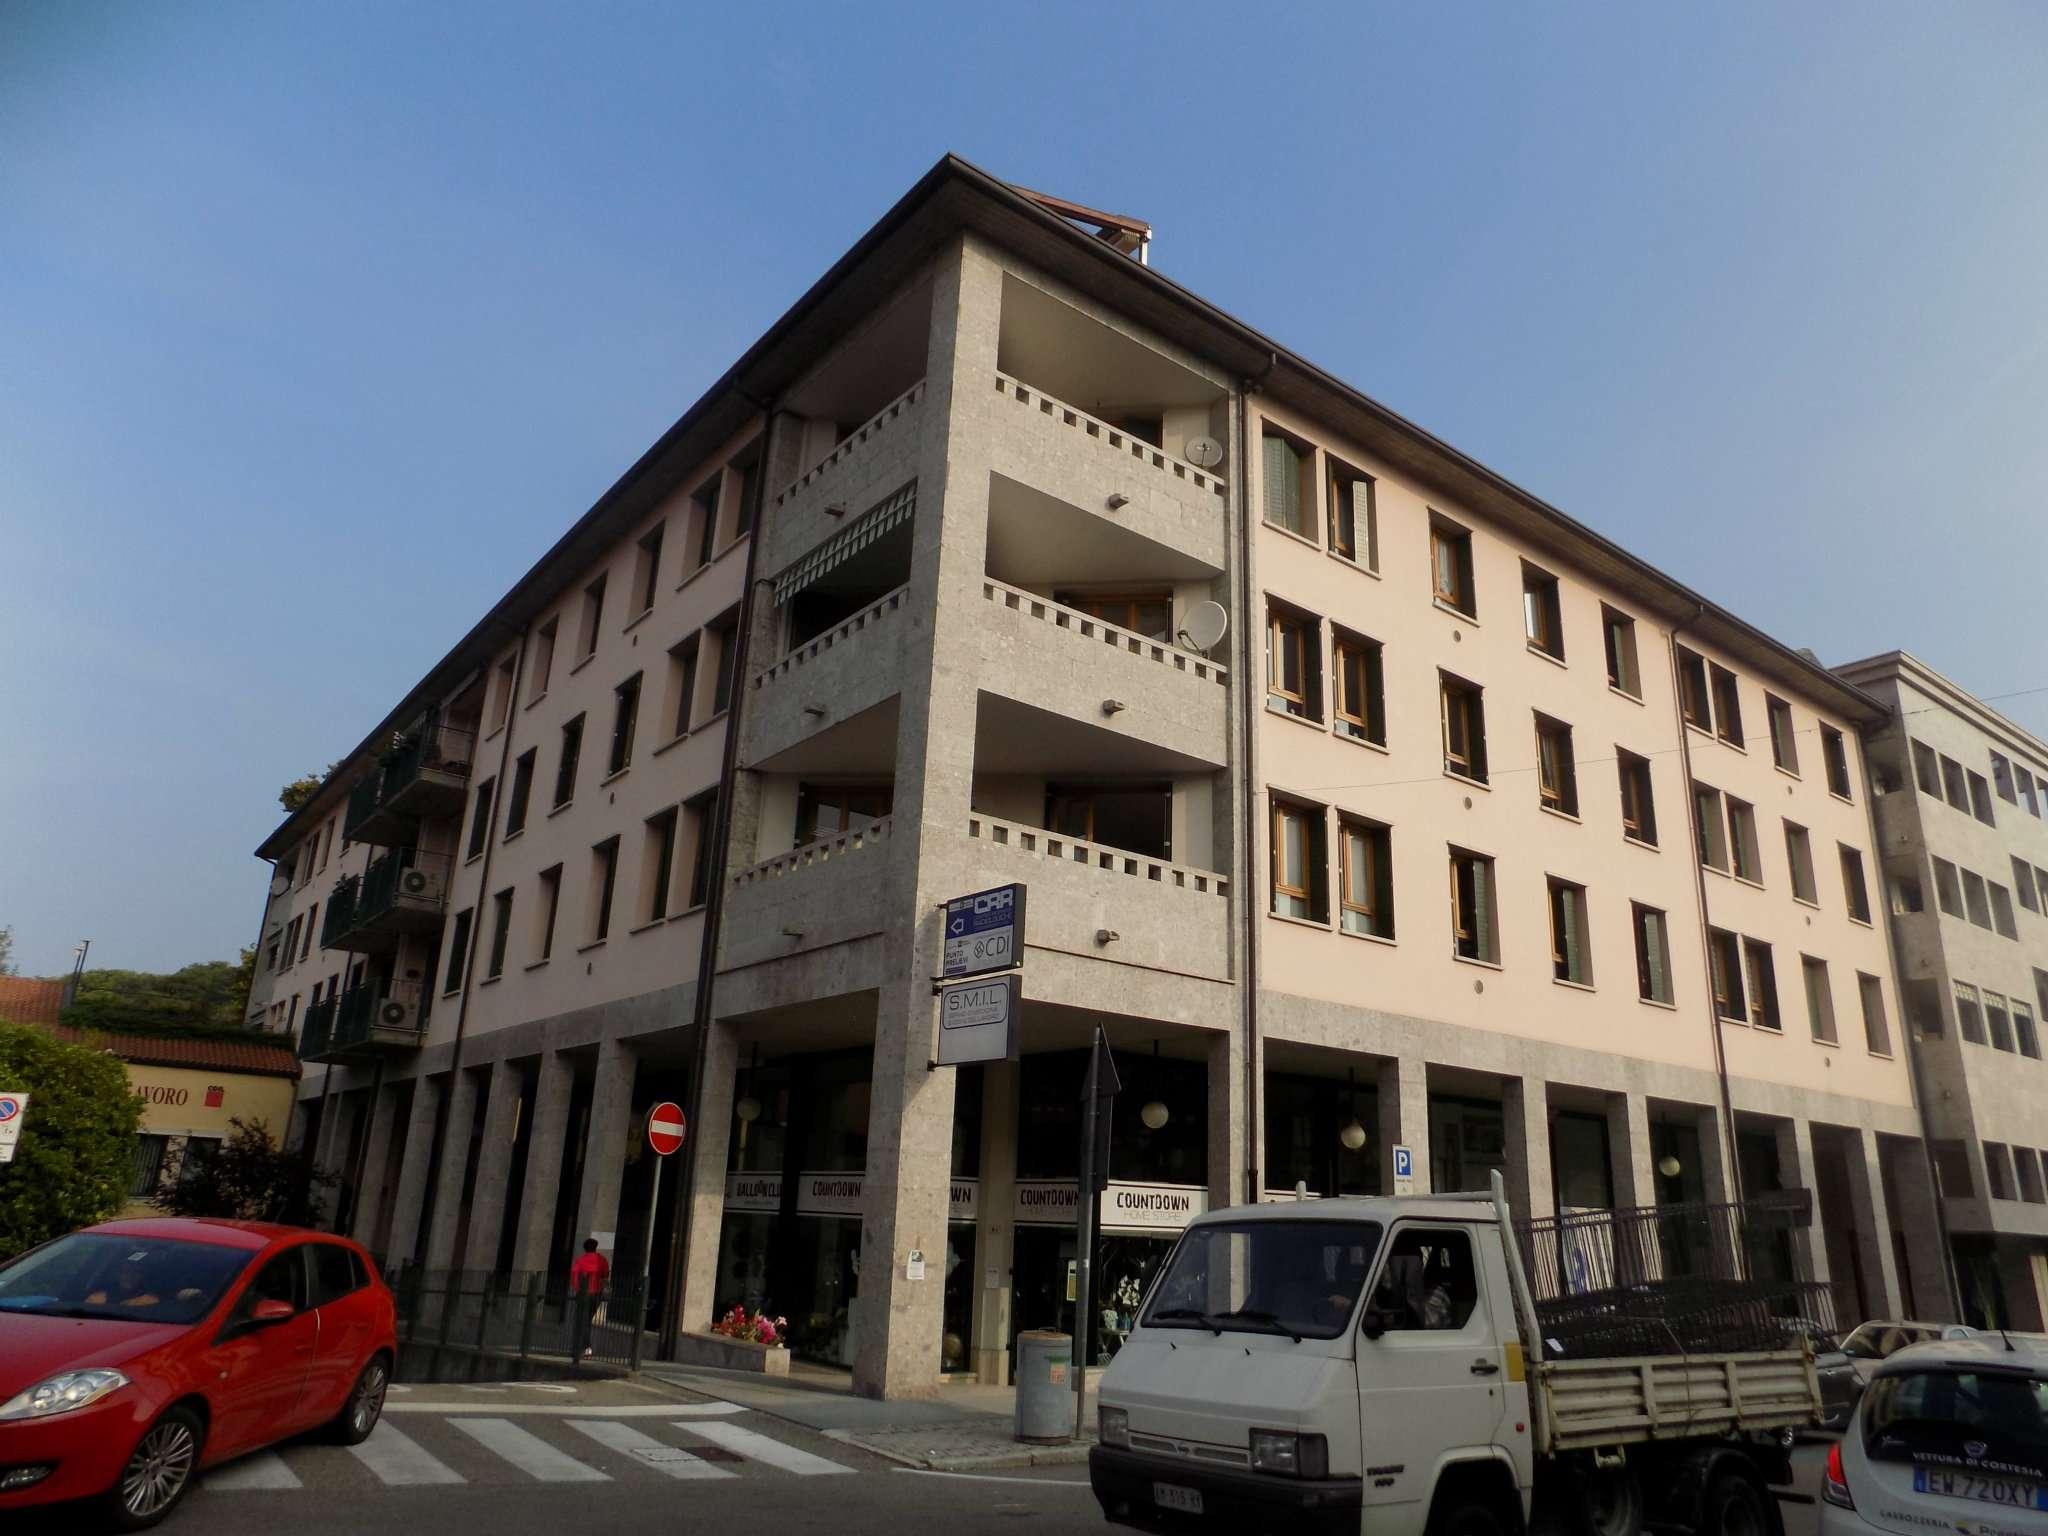 Attico / Mansarda in vendita a Besozzo, 3 locali, prezzo € 125.000   Cambio Casa.it